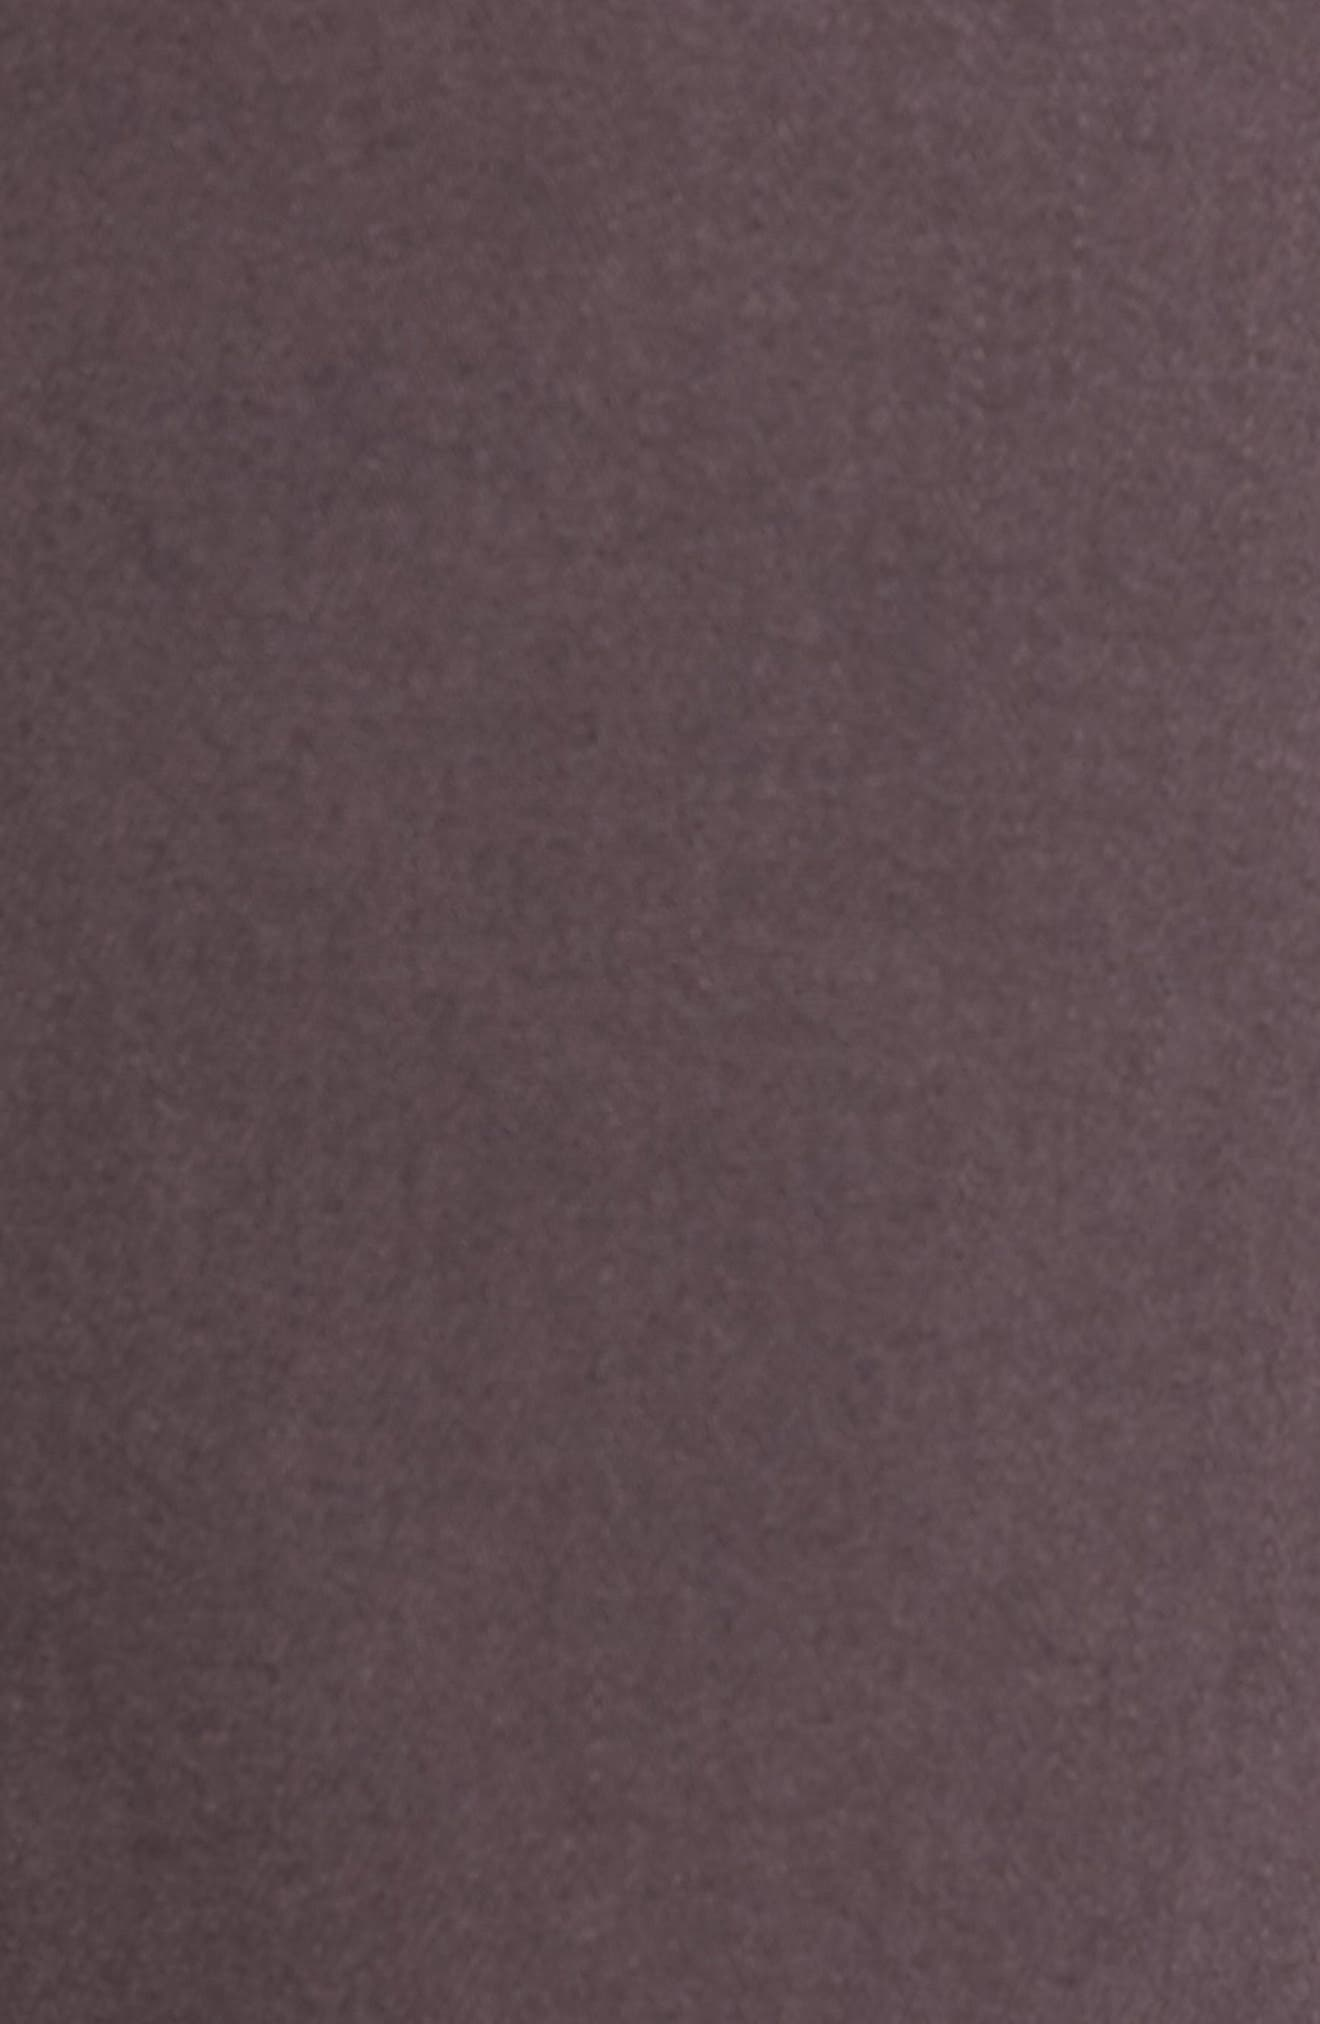 Transcend - Lennox Slim Fit Jeans,                             Alternate thumbnail 5, color,                             VINTAGE PLUM WINE